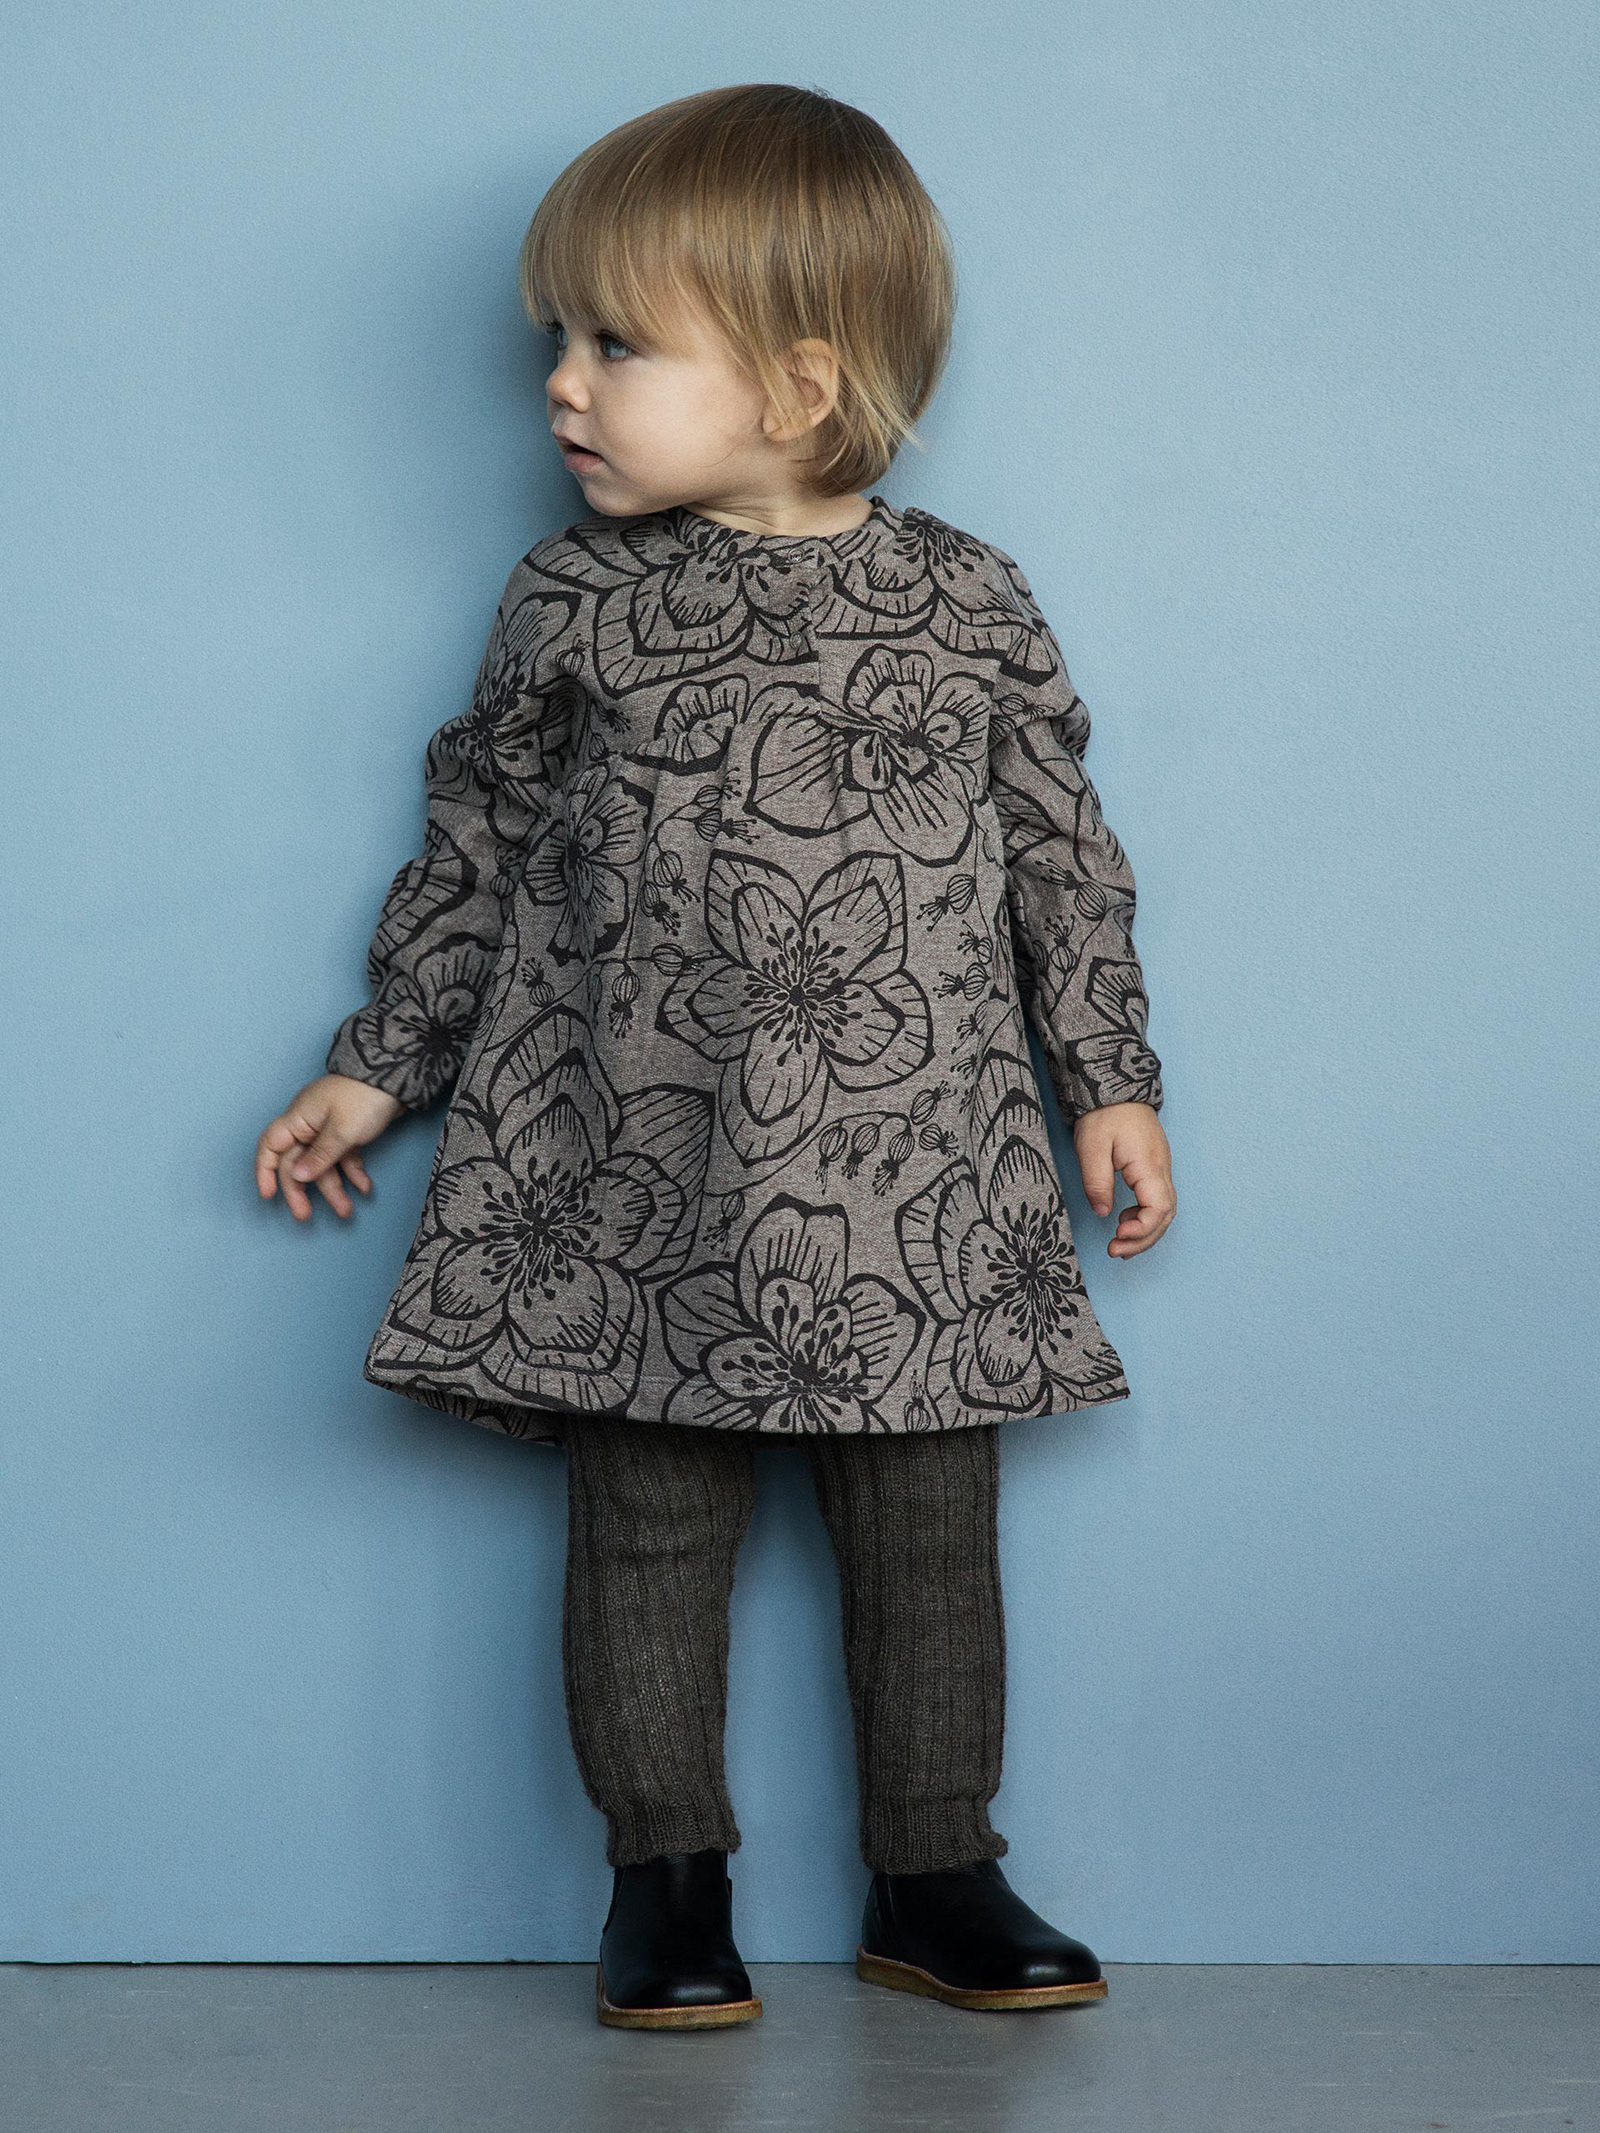 Serendipity Organic: Kleidung für die ganze Familie - nachhaltig und schön